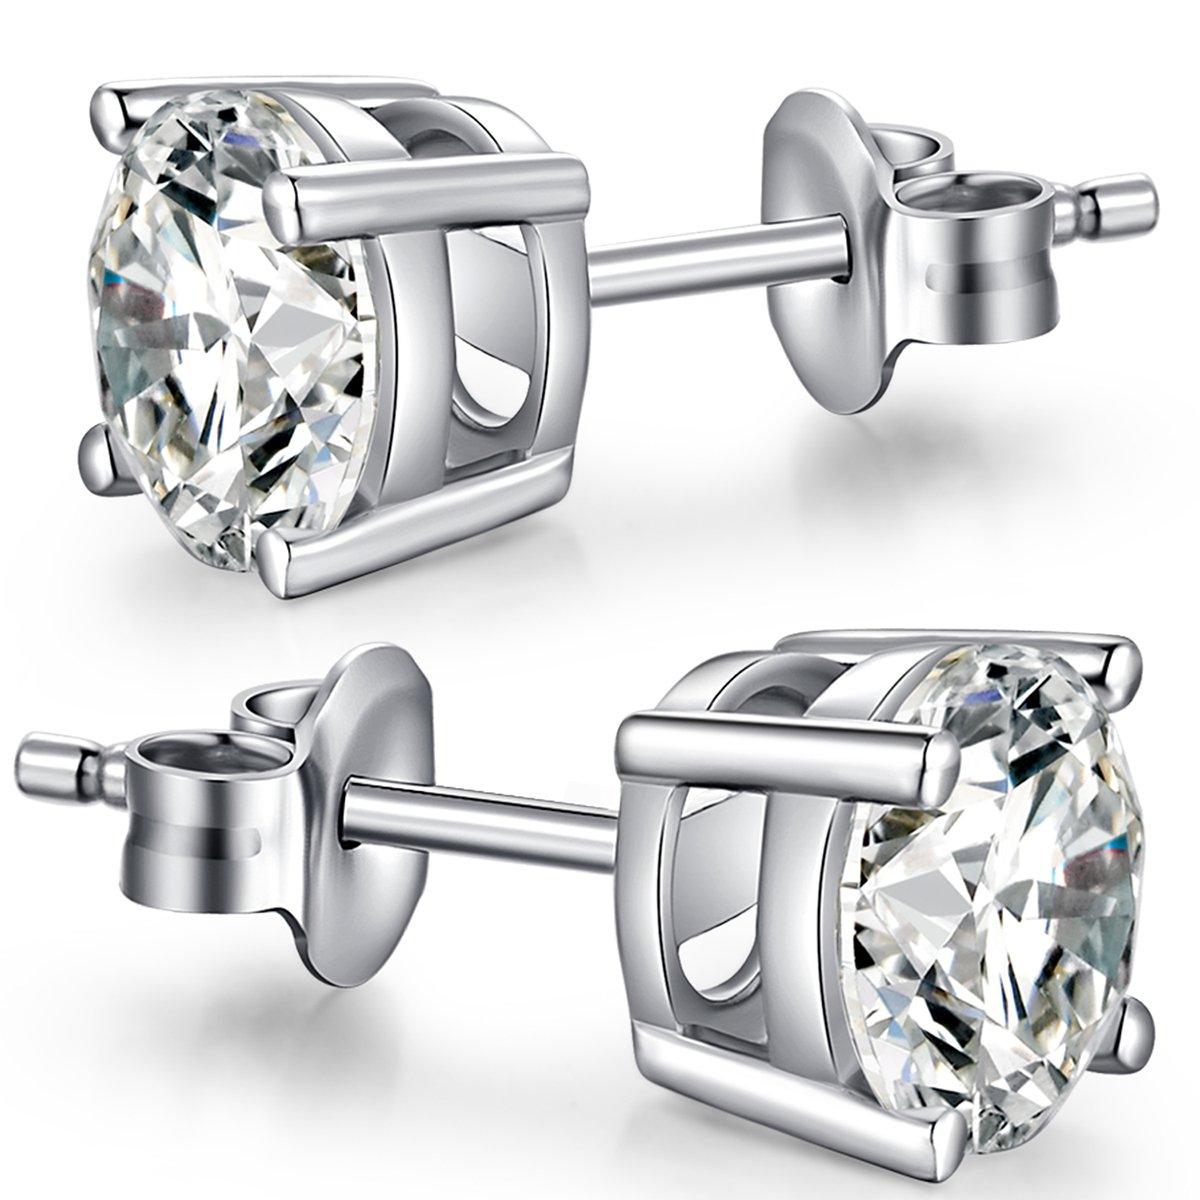 Han han Sterling Silver Stud Earrings Round Cut CZ Cubic Zirconia Diamond Stud Earrings Fashion 18K Platinum Plated Hypoallergenic Earrings for Women Men